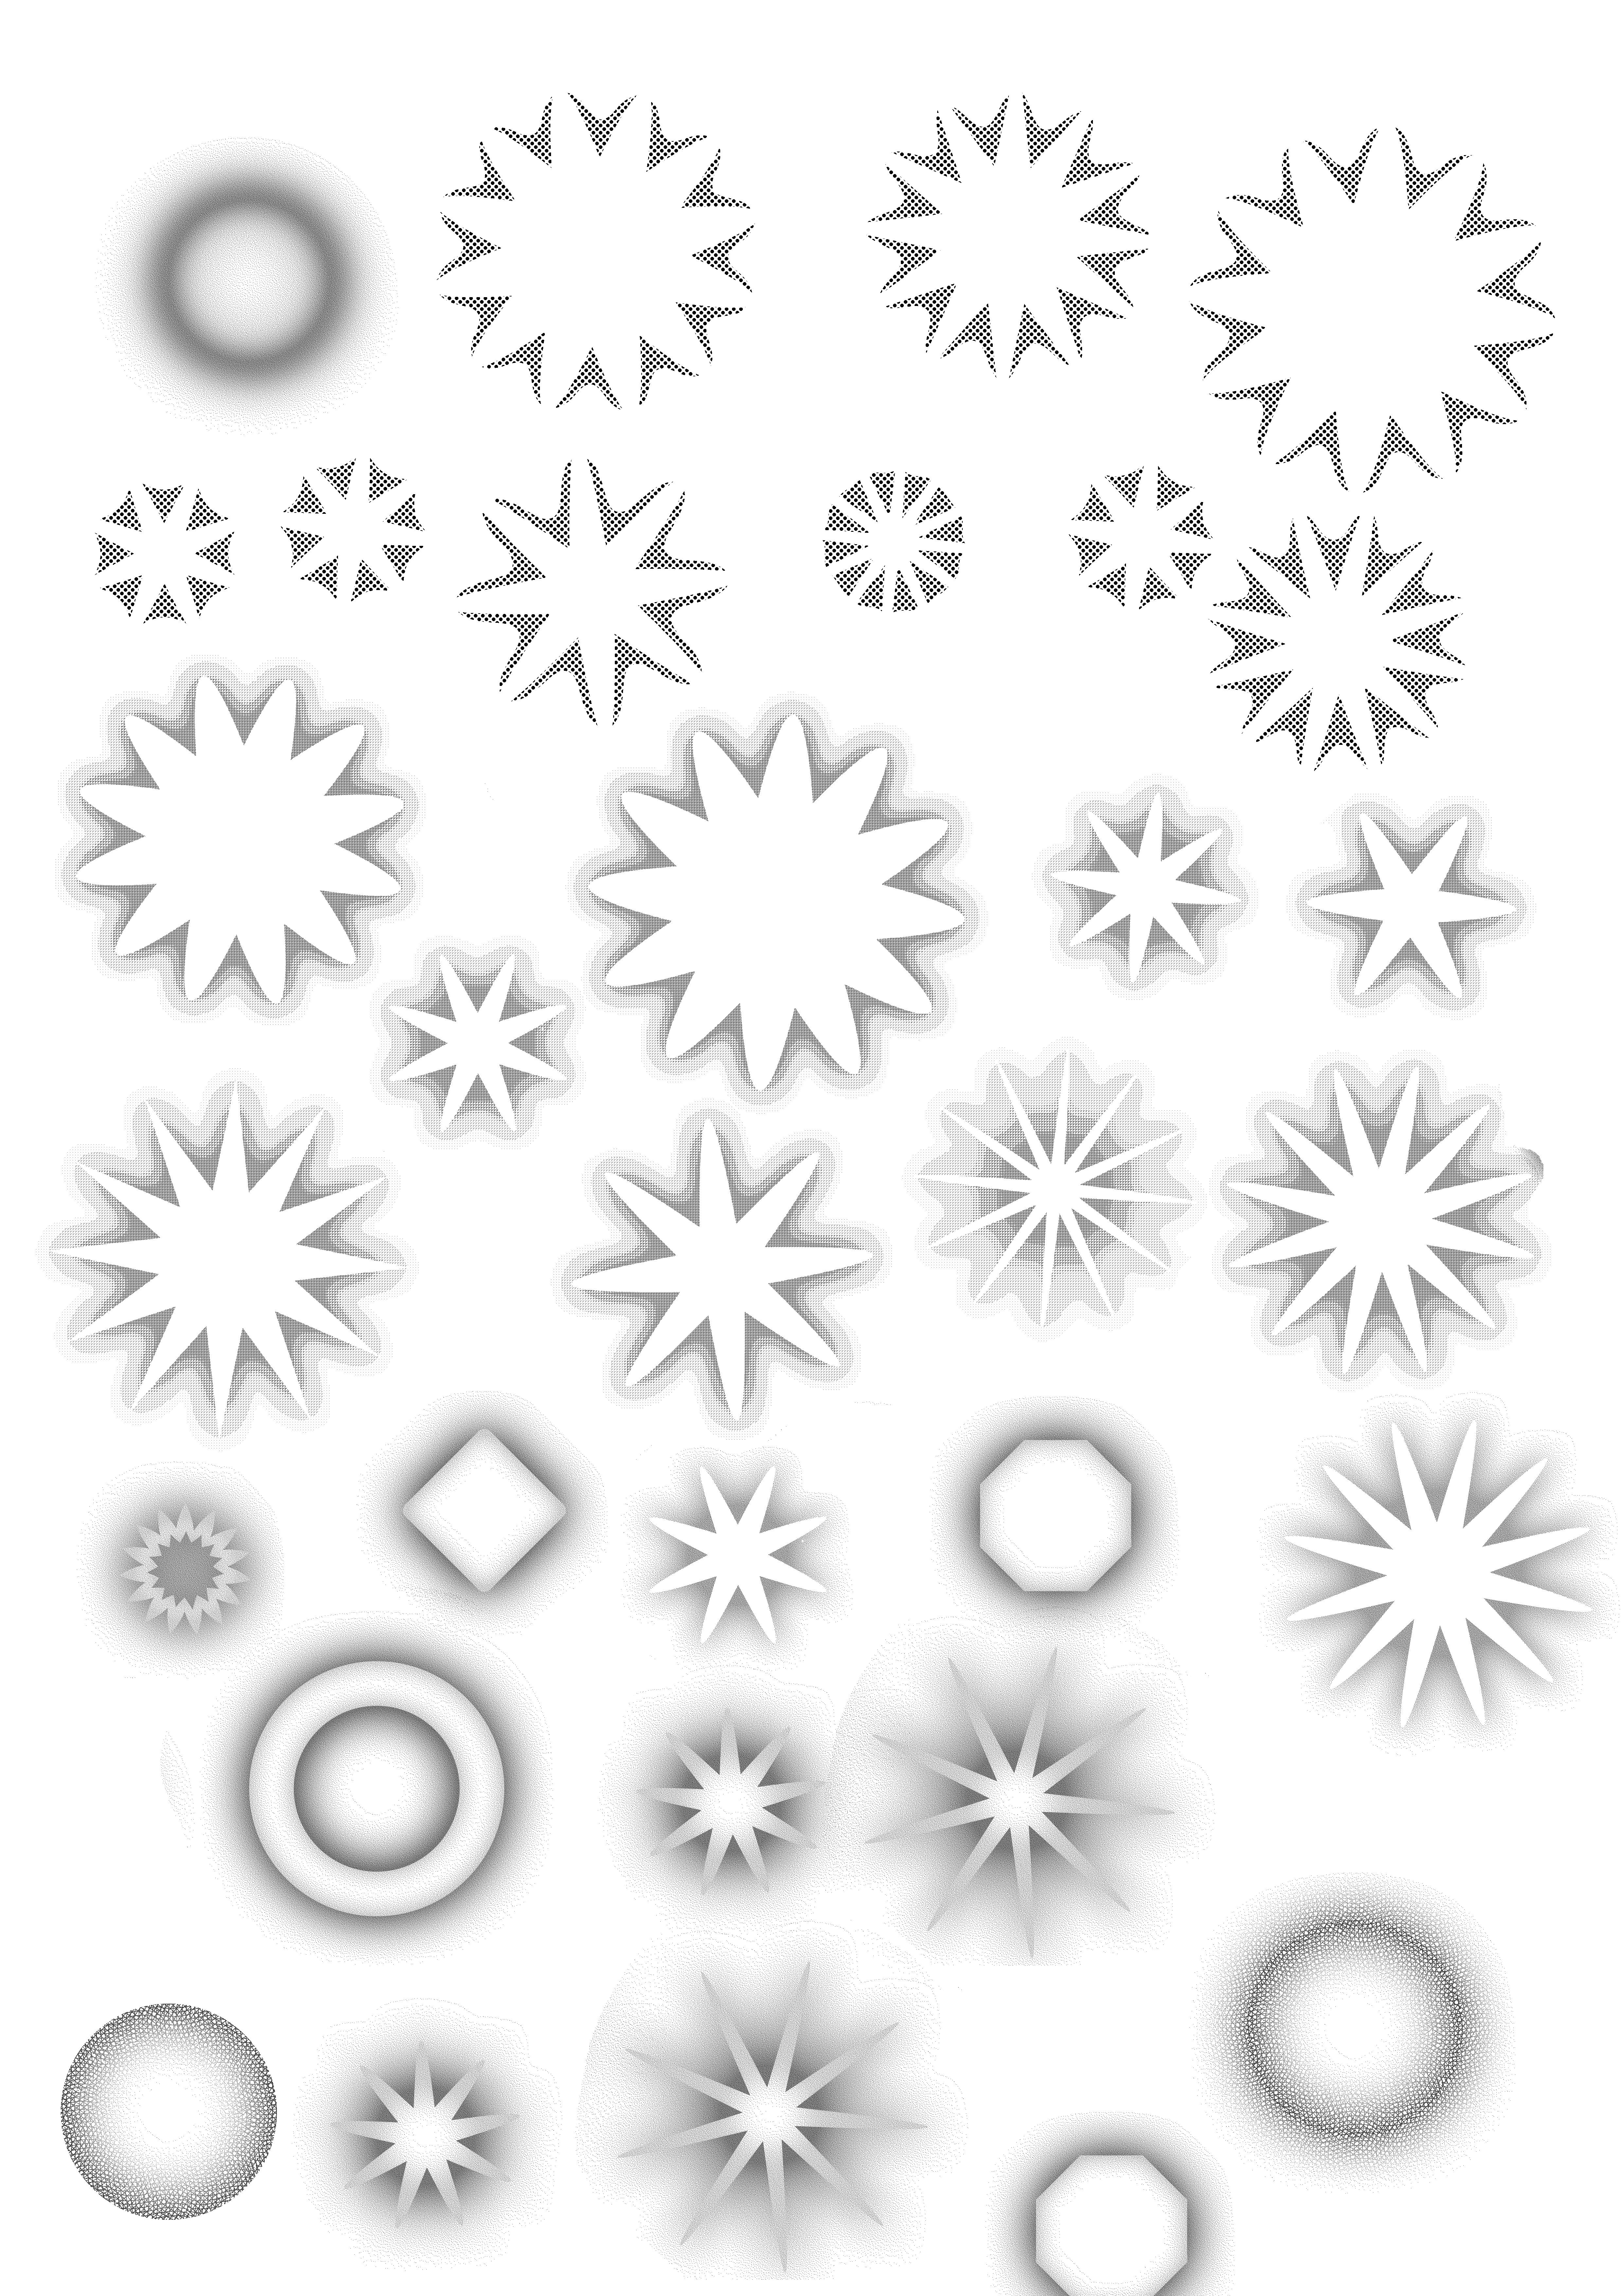 花朵形状、花纹图案PS笔刷素材